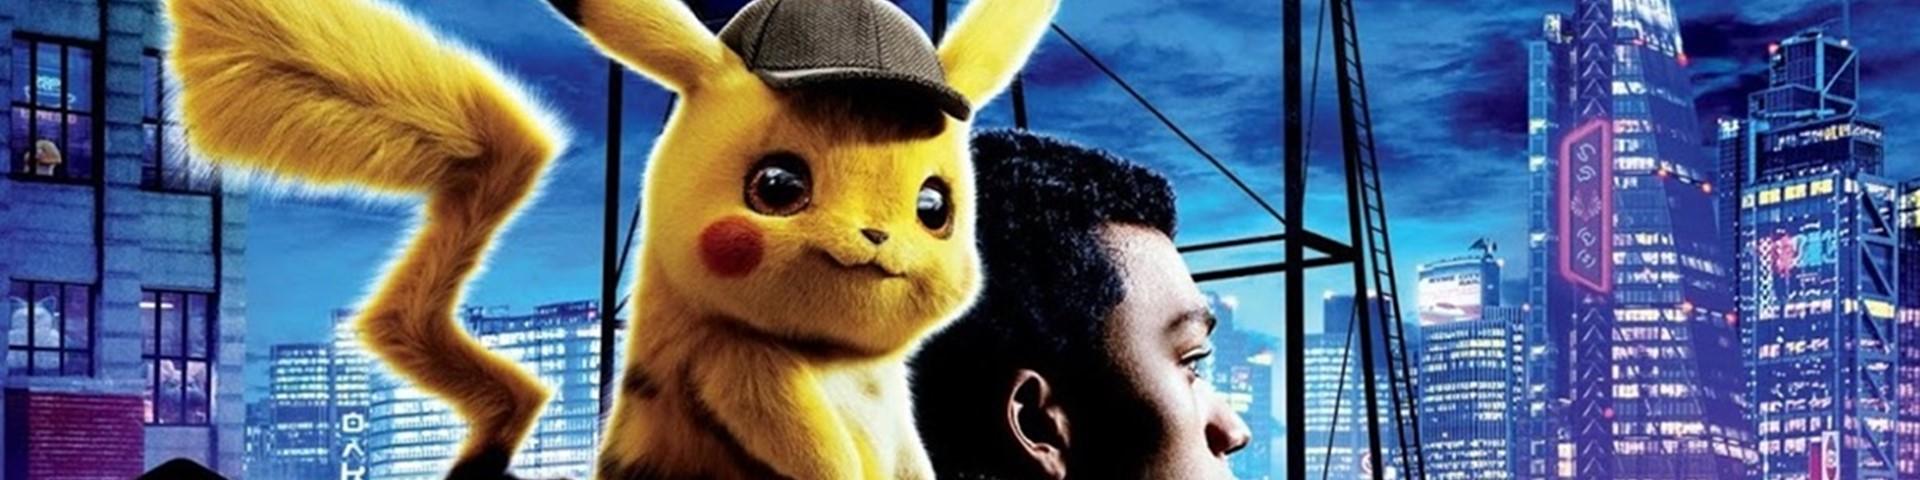 'Detetive Pikachu' e o marketing certeiro no cinema4 min read